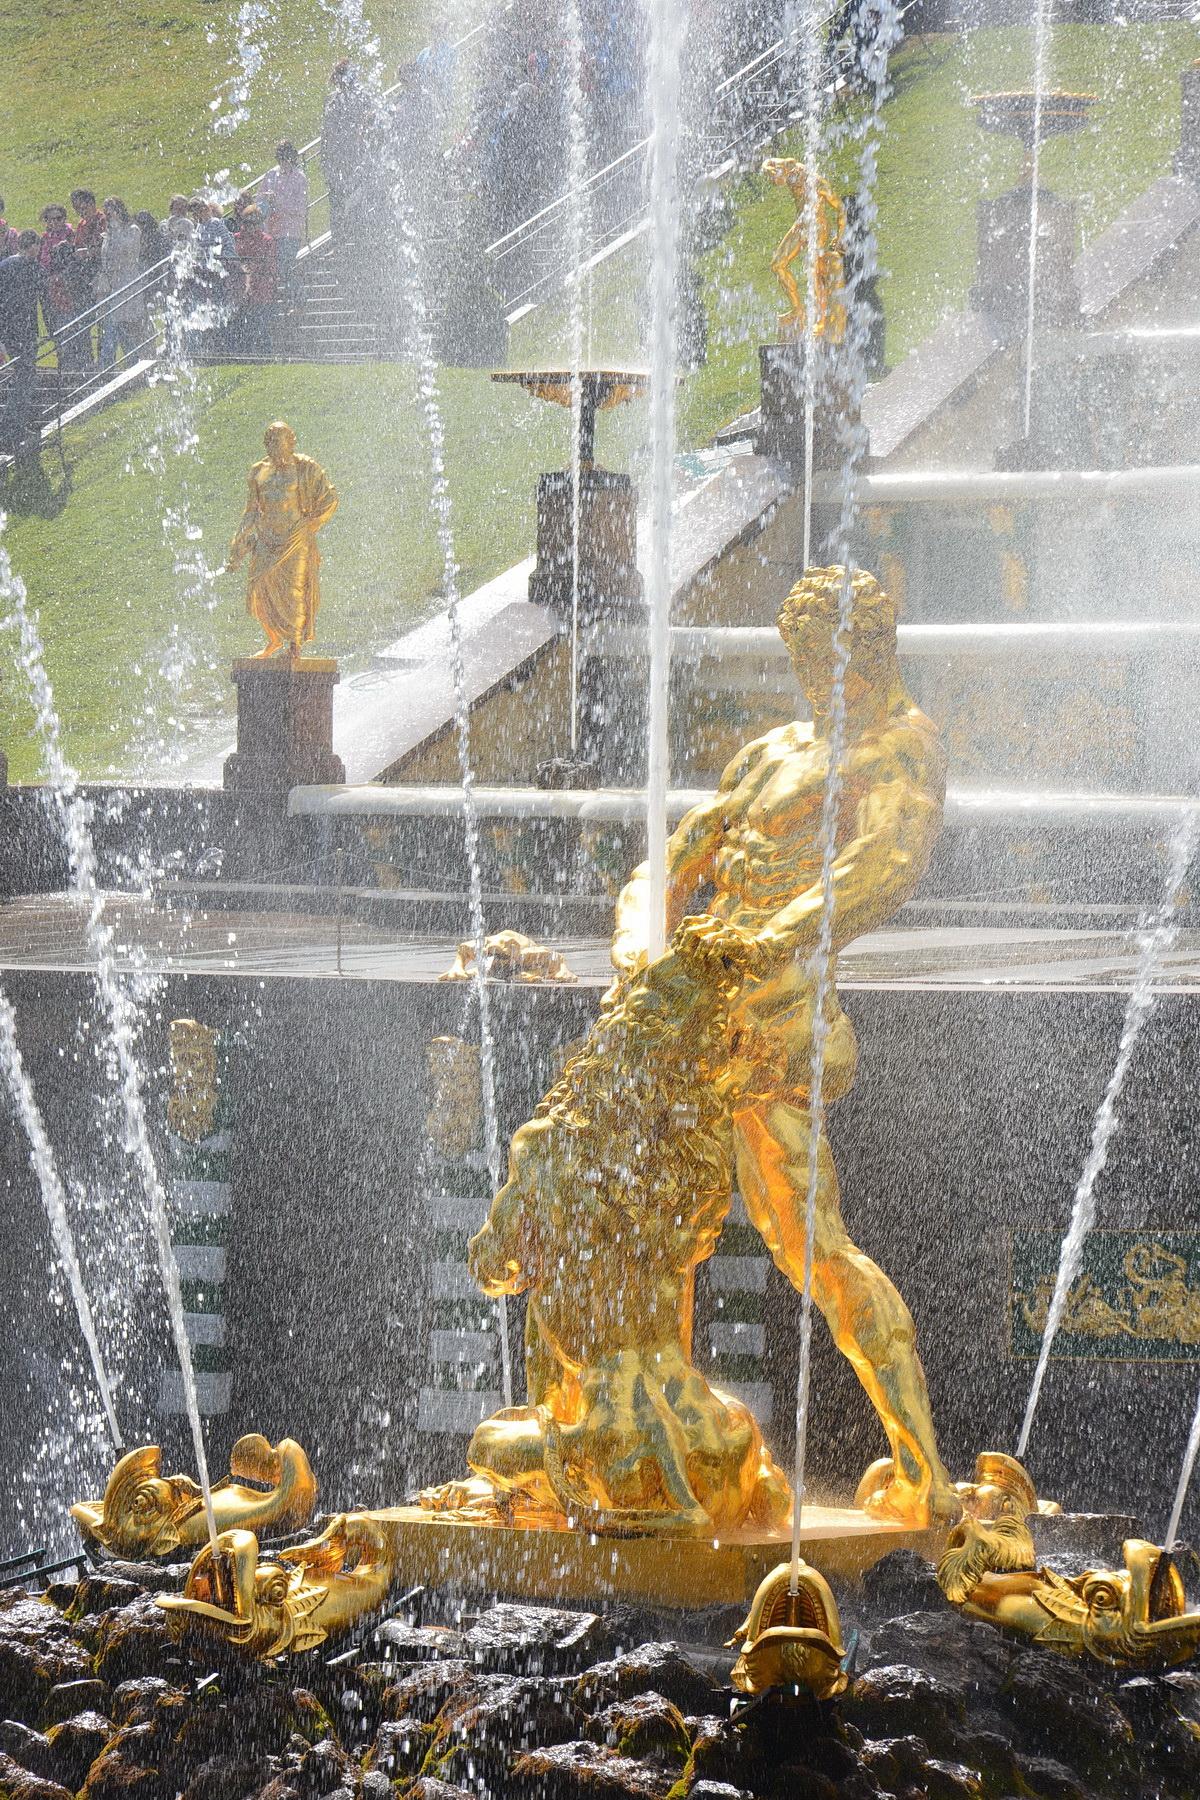 Во сколько включаются фонтаны в петергофе в 2018 году